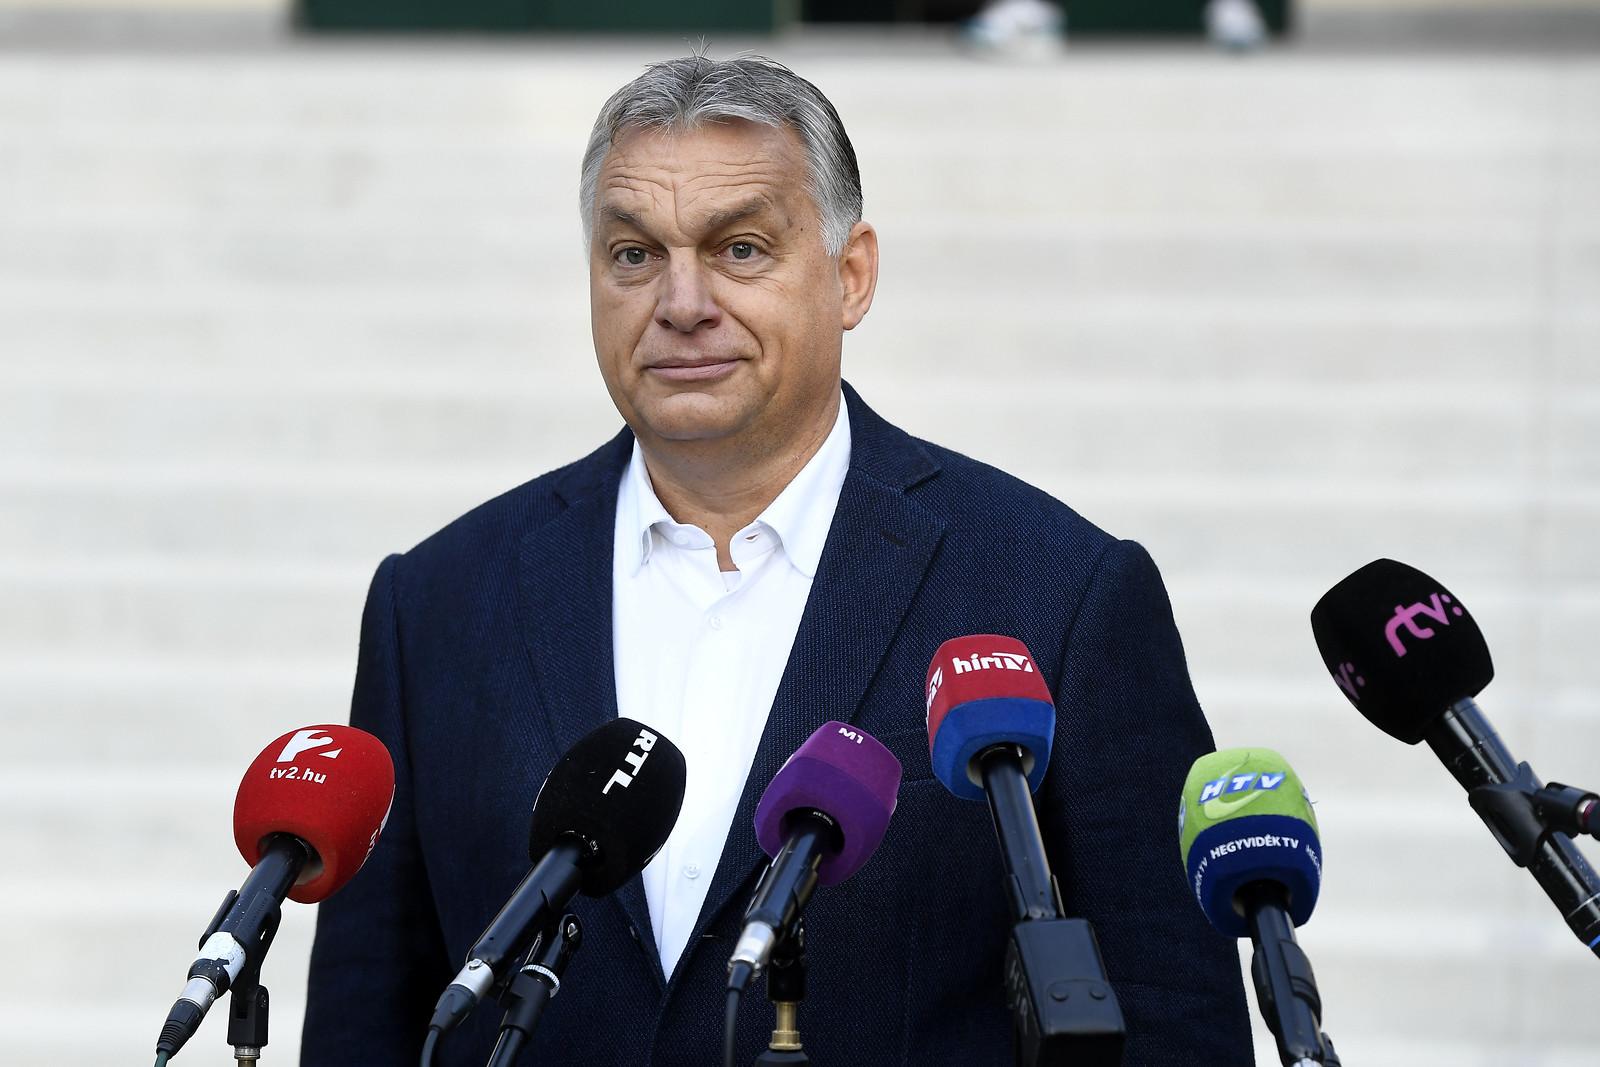 Végül Orbán Viktor is megszavazta a 2050-es klímasemlegességet